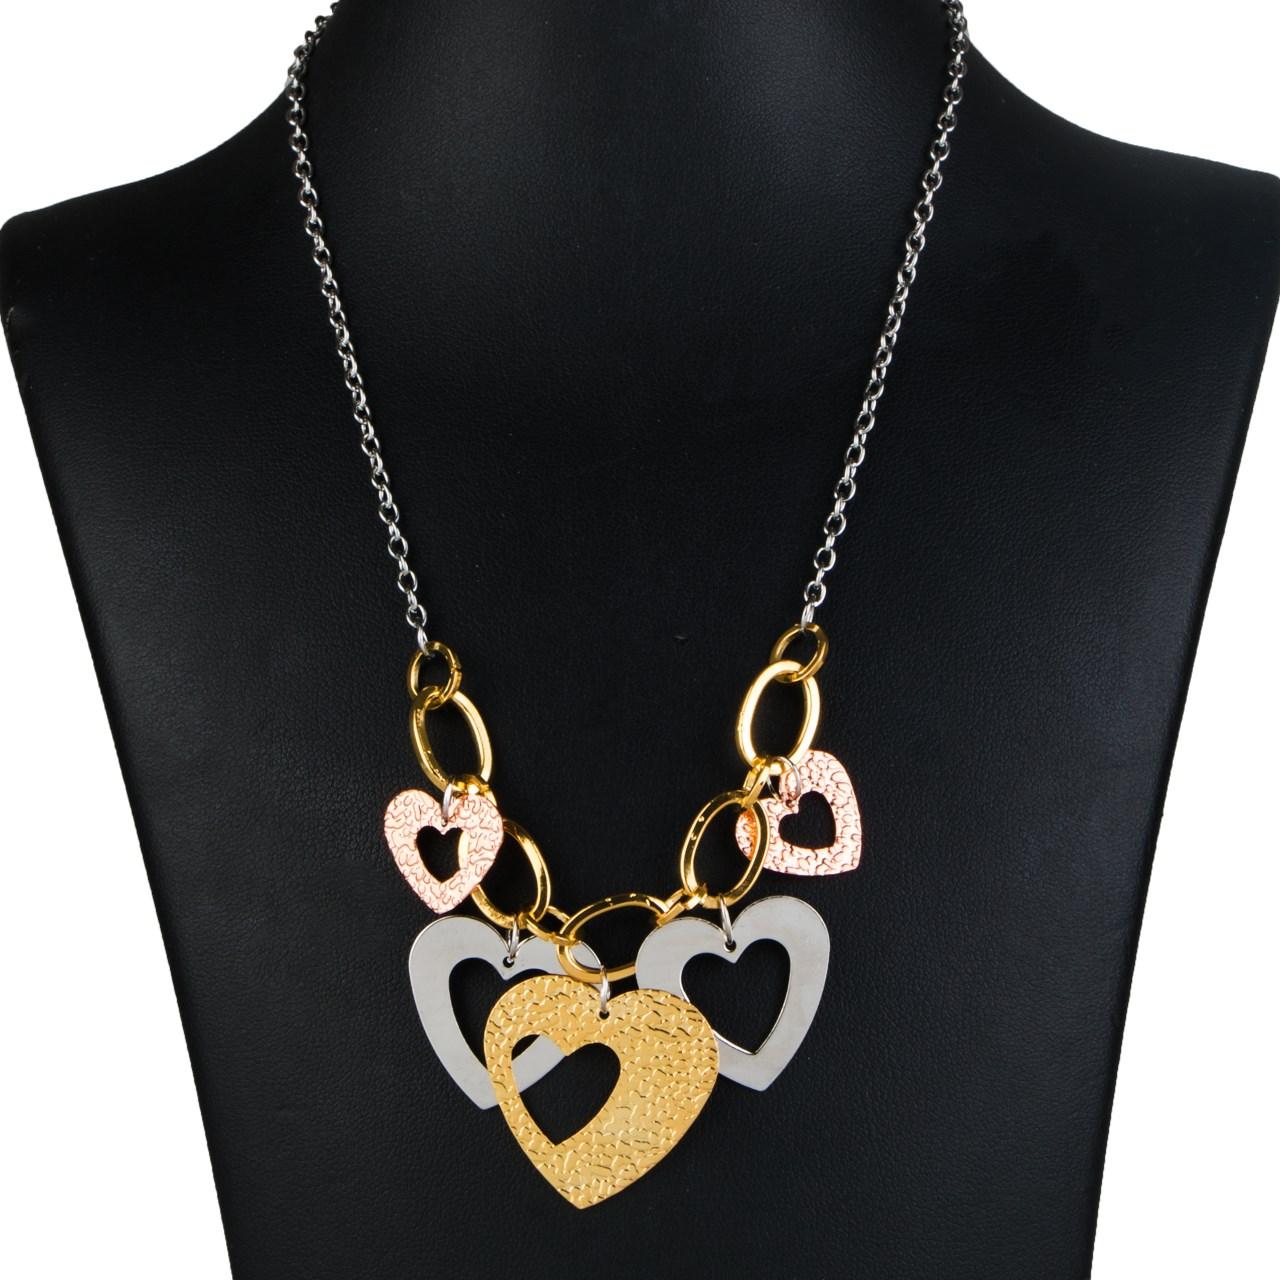 قیمت گردنبند طرح قلب مدل MB001